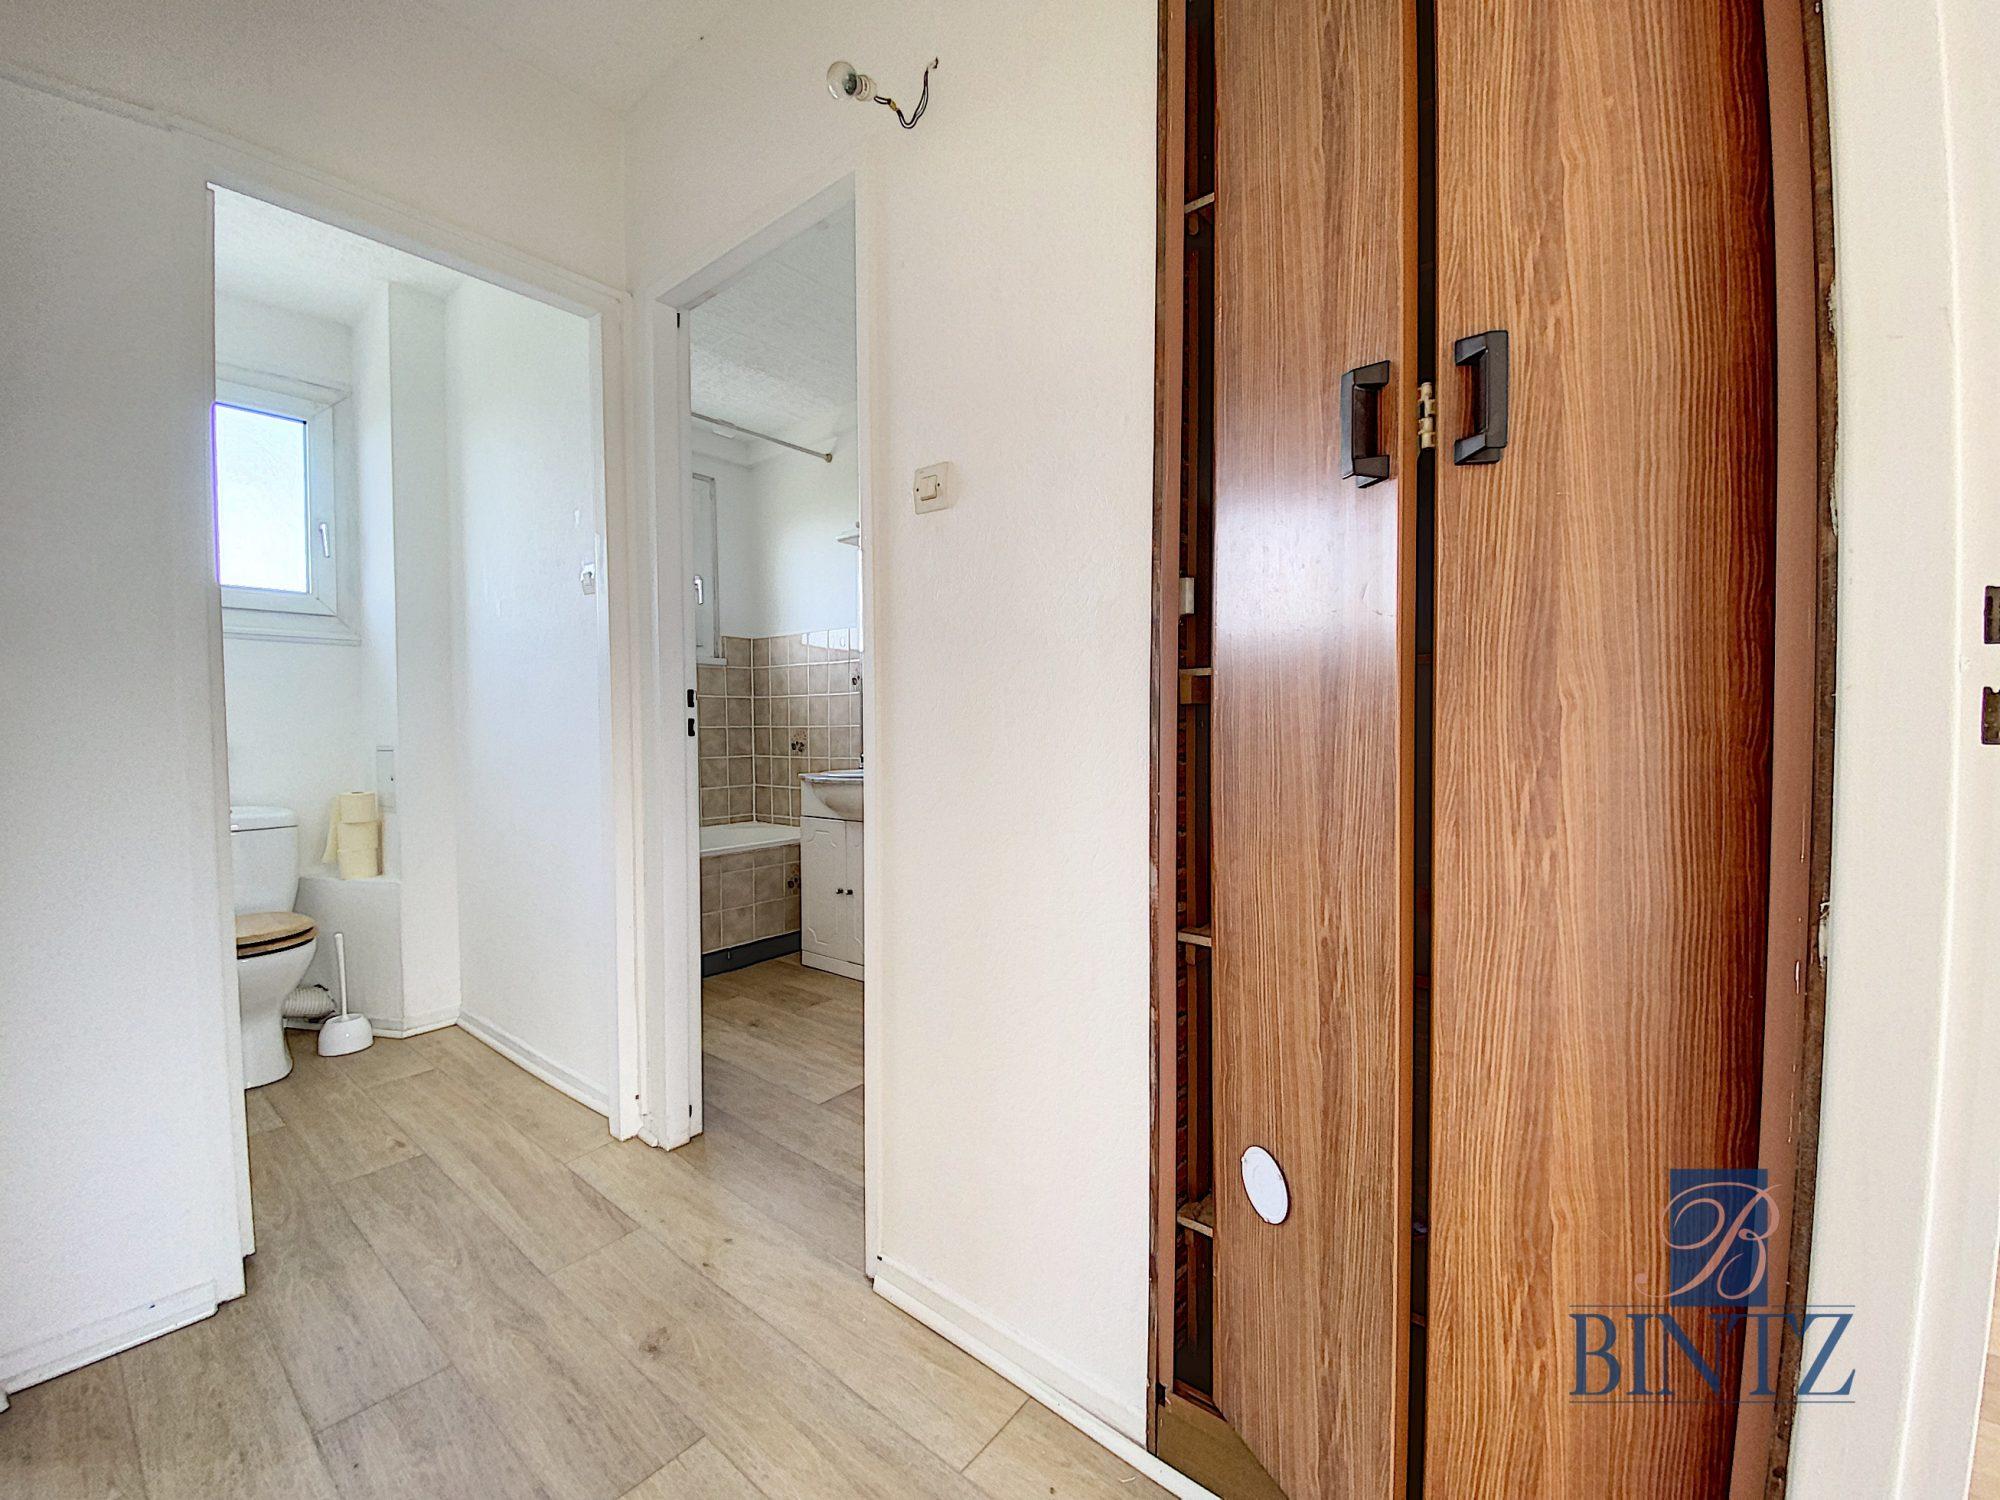 T3 avec balcon Quartier de la Musau - Devenez propriétaire en toute confiance - Bintz Immobilier - 8